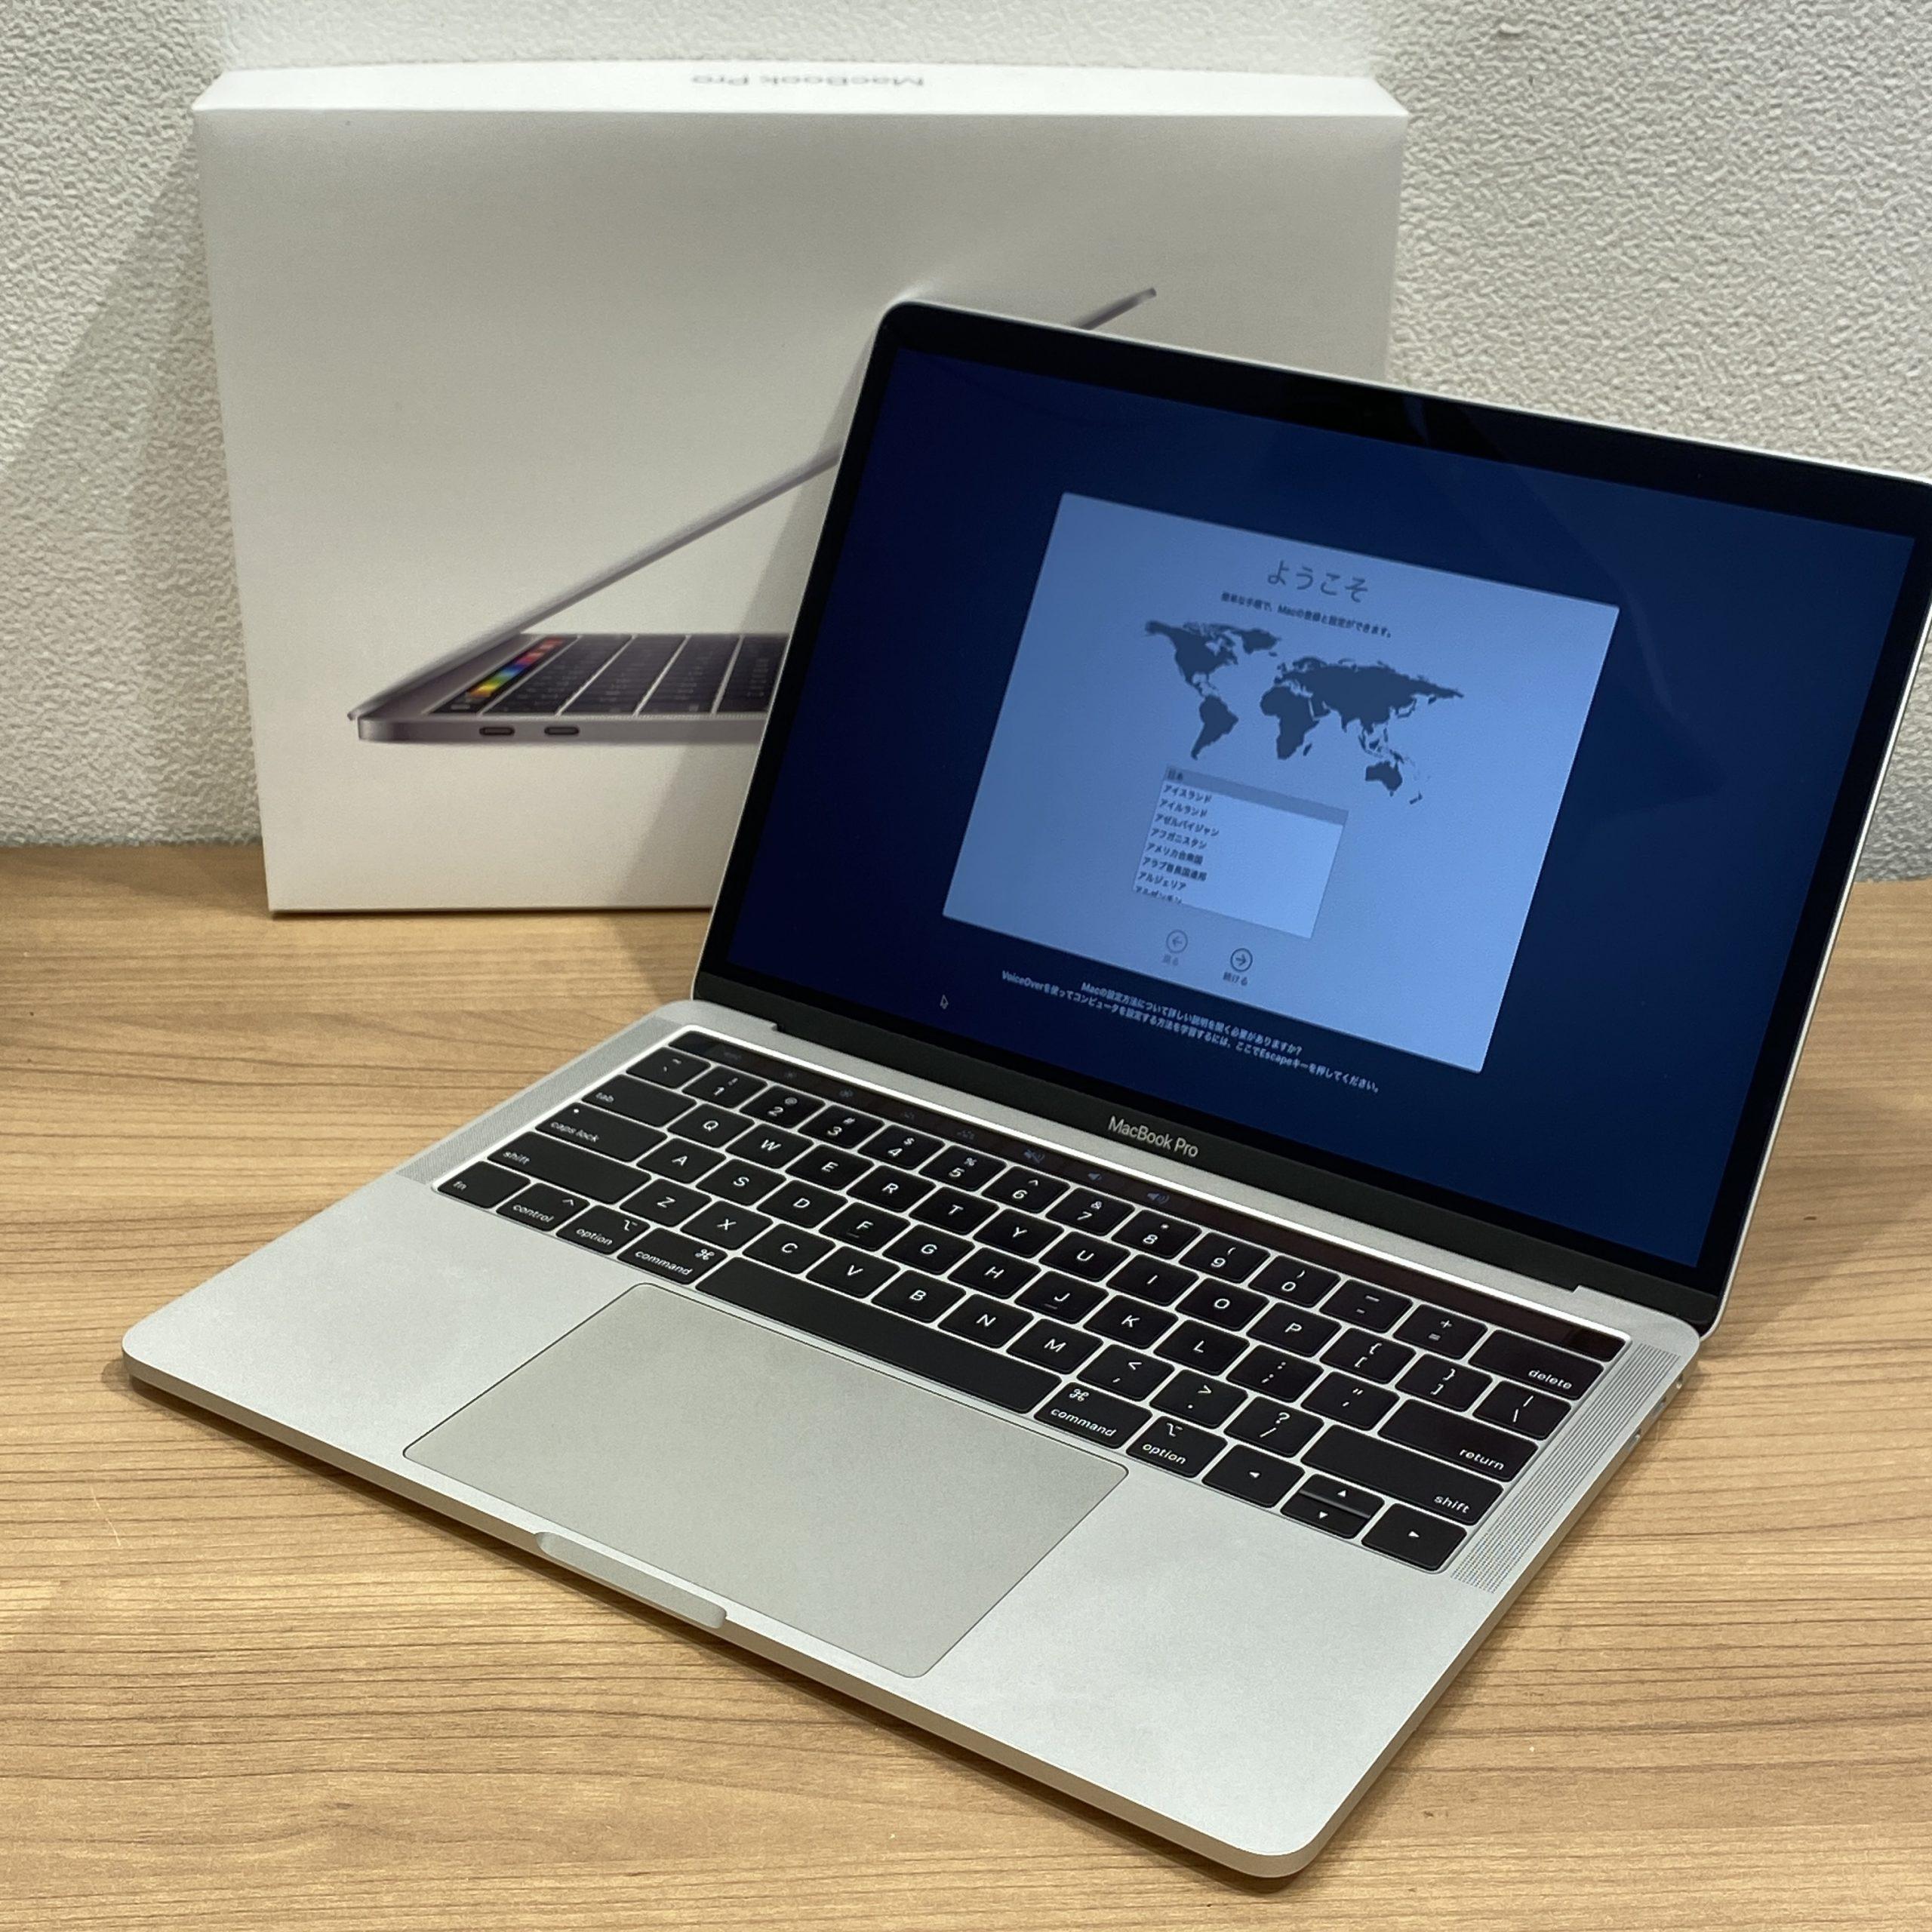 【Apple/アップル】MacBook Pro/マックブックプロ 13インチ A1989 16GB/256GB シルバー